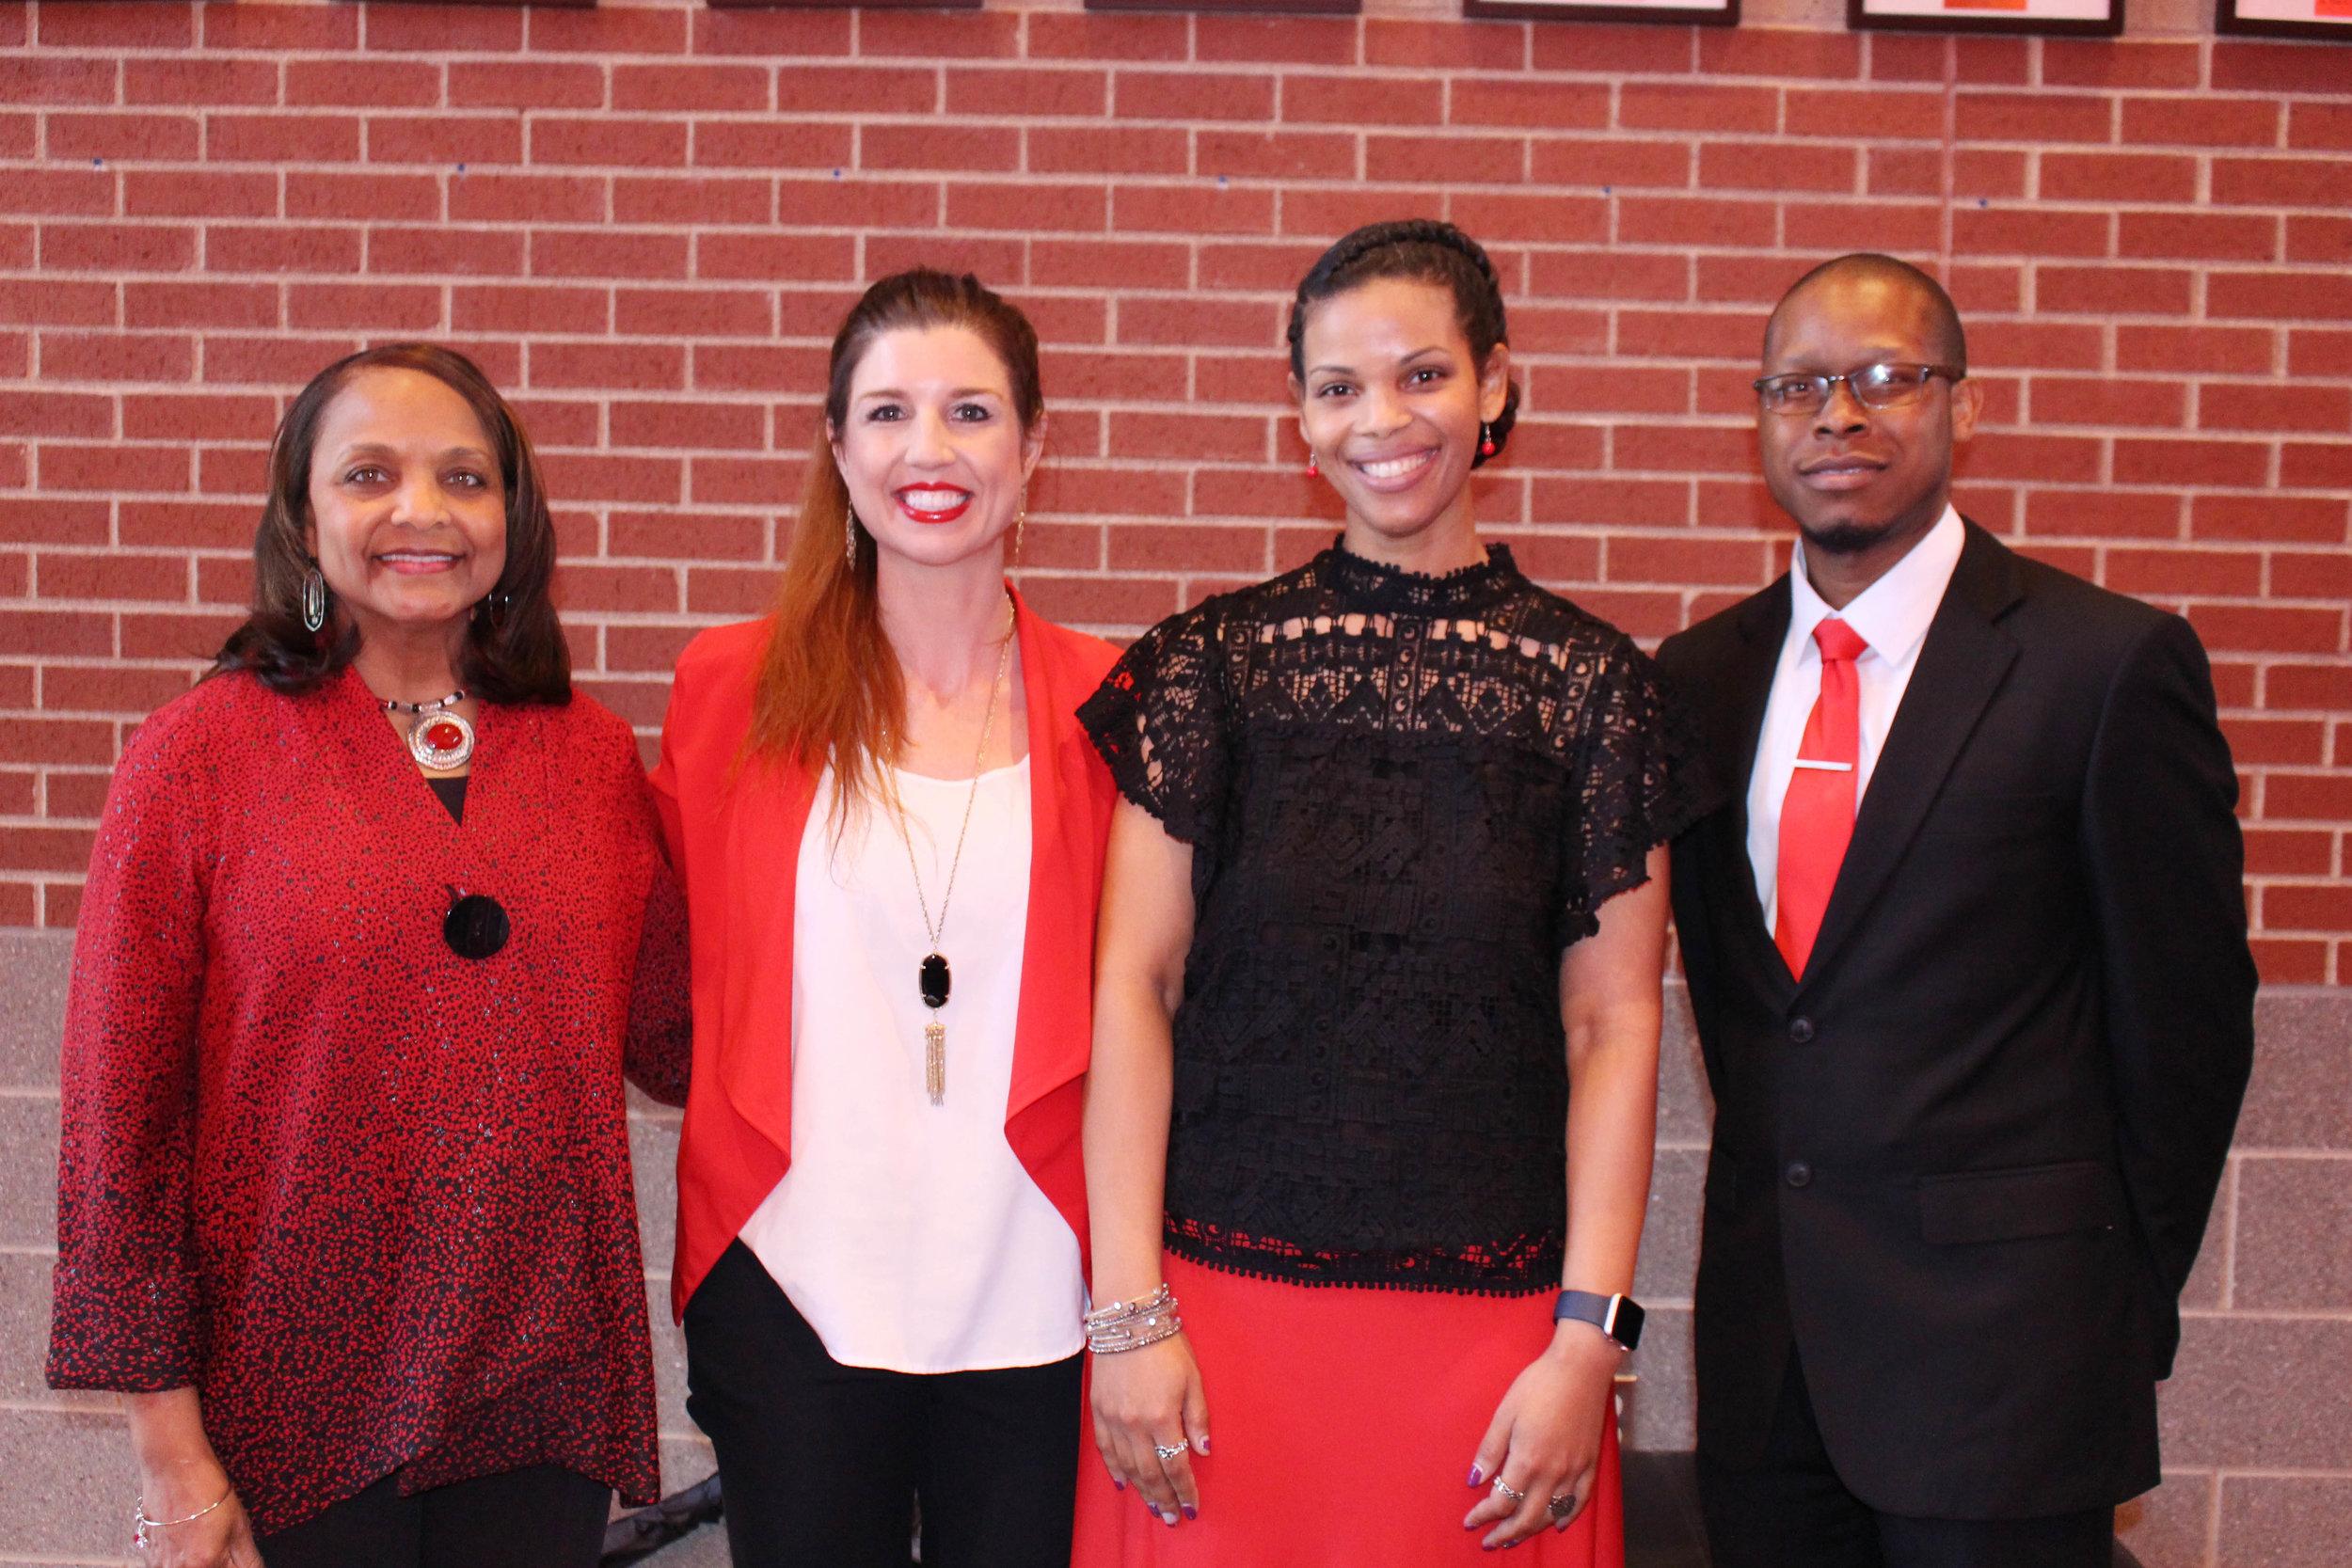 Regina Houff, Jennifer Page, Kayla Washington and Demarcus Green